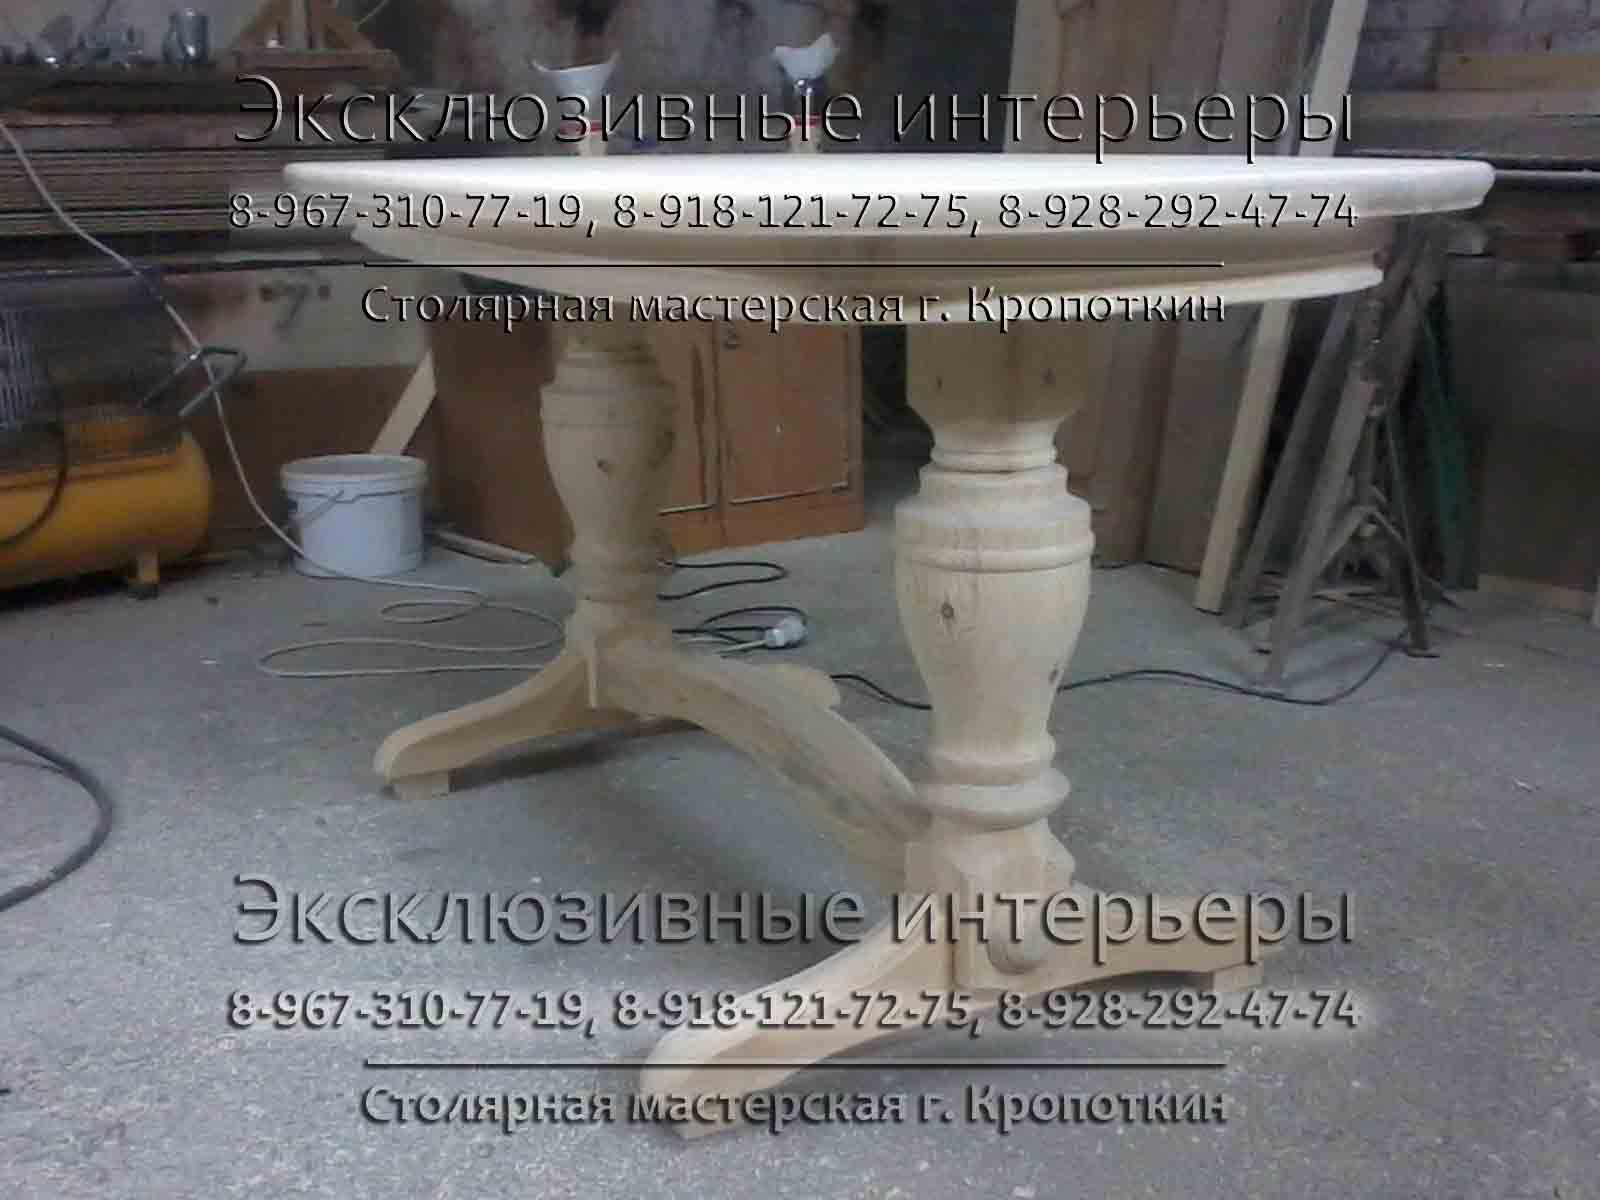 Мебельный цех в Кропоткине Сочи Армавире Гулькевичи Краснодаре: шкафы-купе, кухни из массива назаказ, столы, кровати